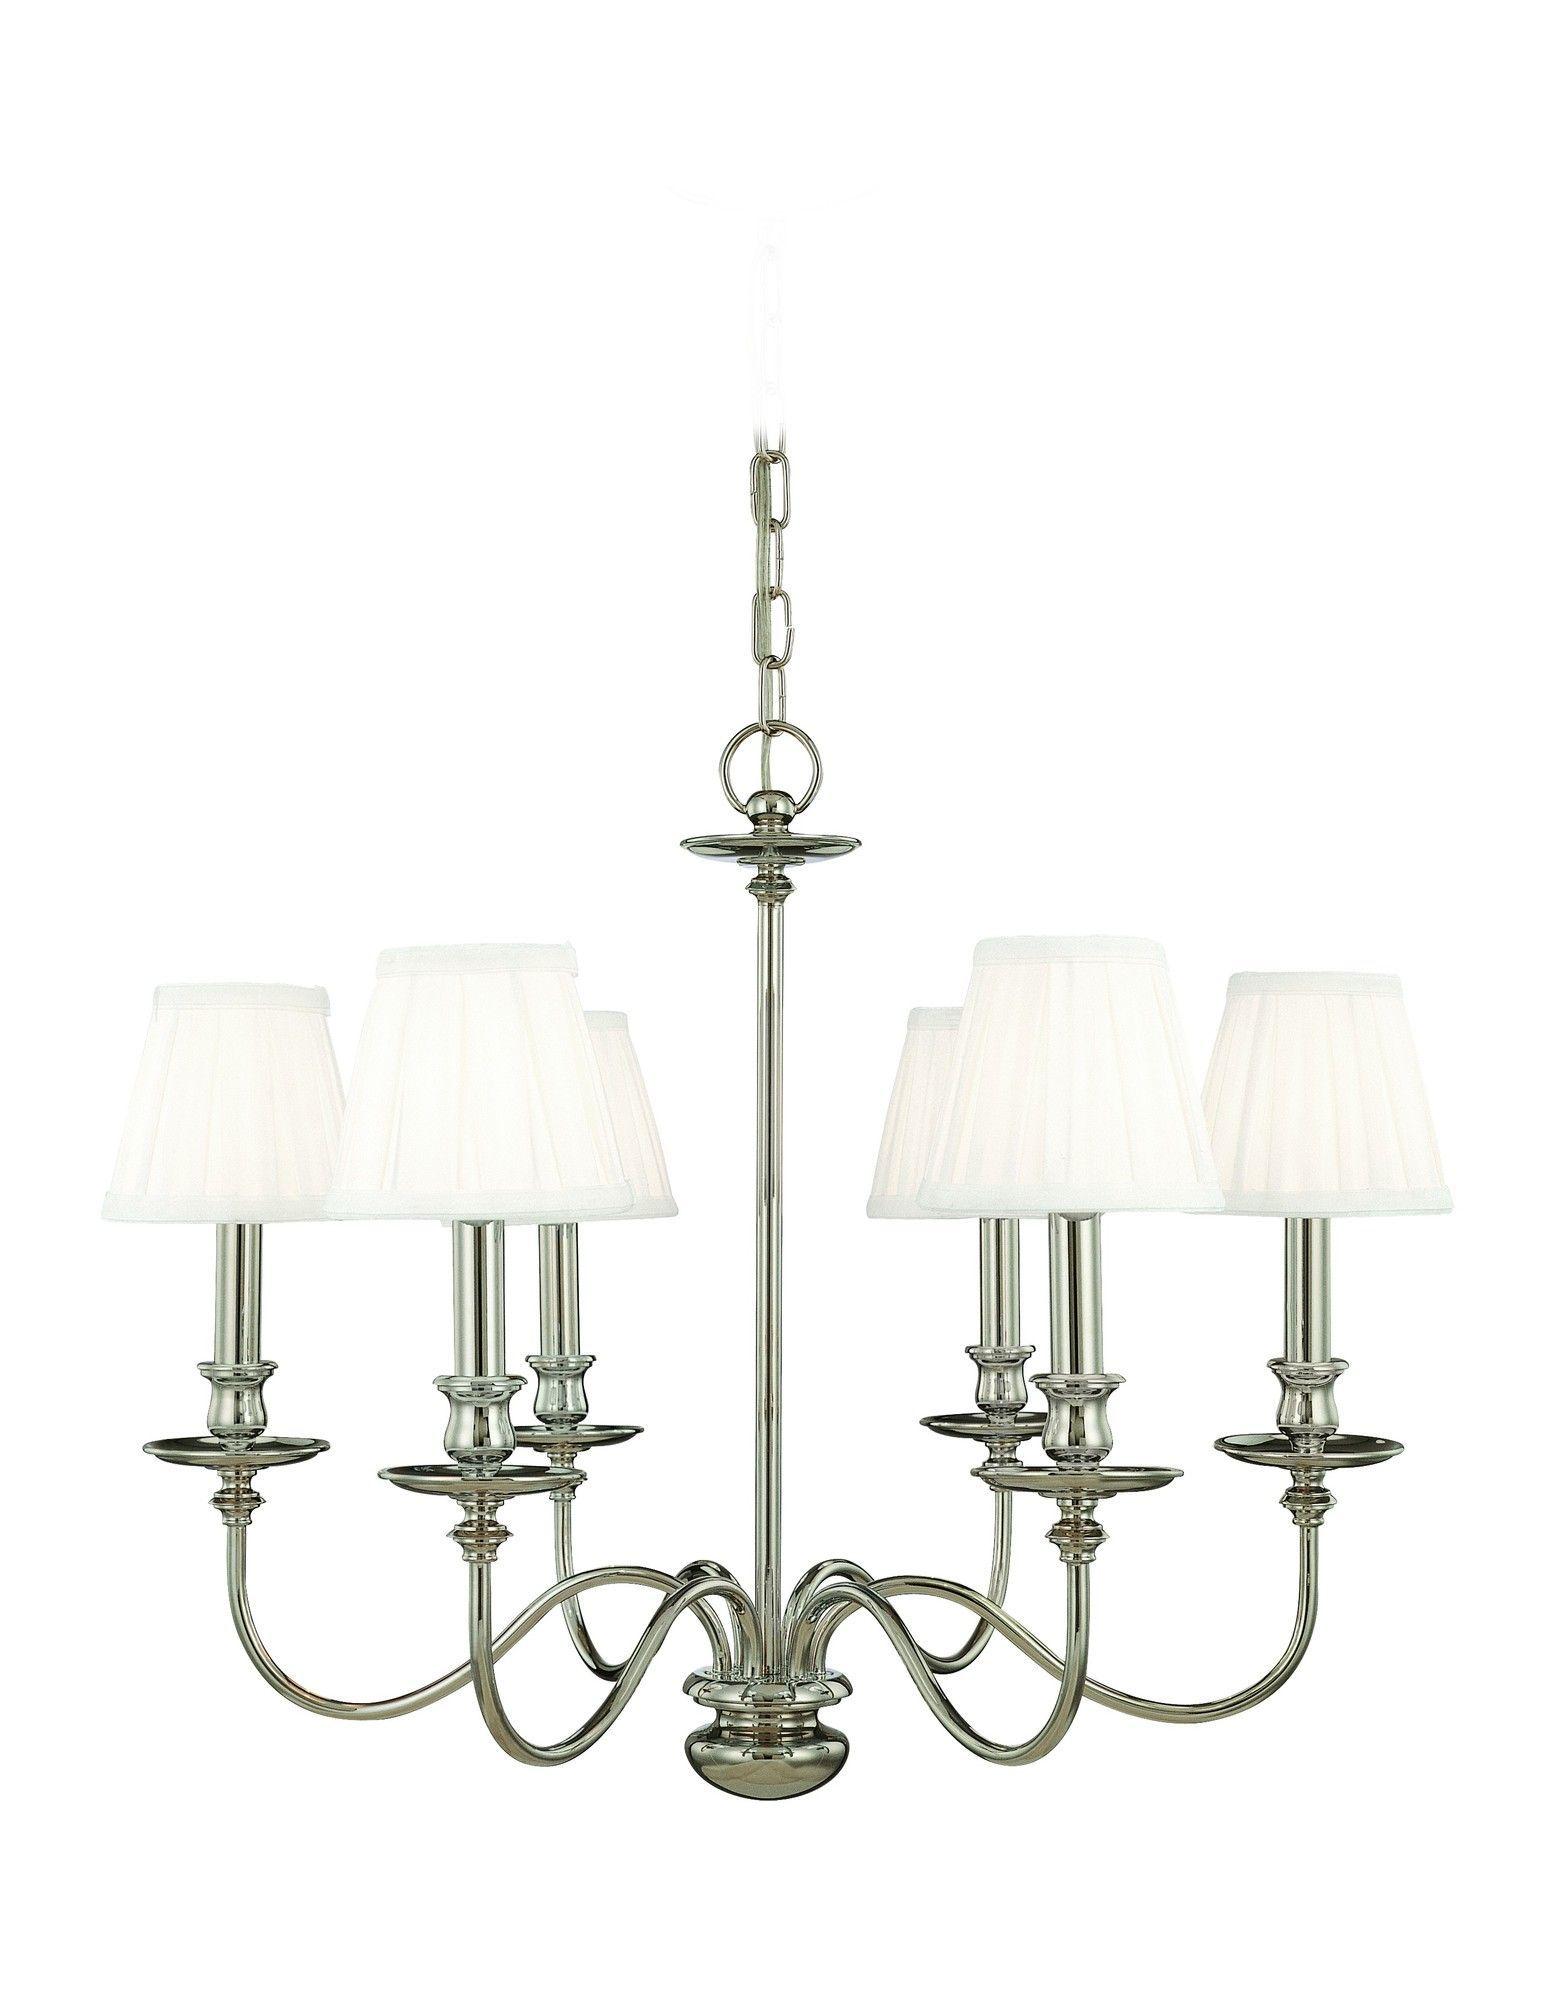 Menlo park 6 light chandelier products pinterest menlo park menlo park 6 light chandelier arubaitofo Images